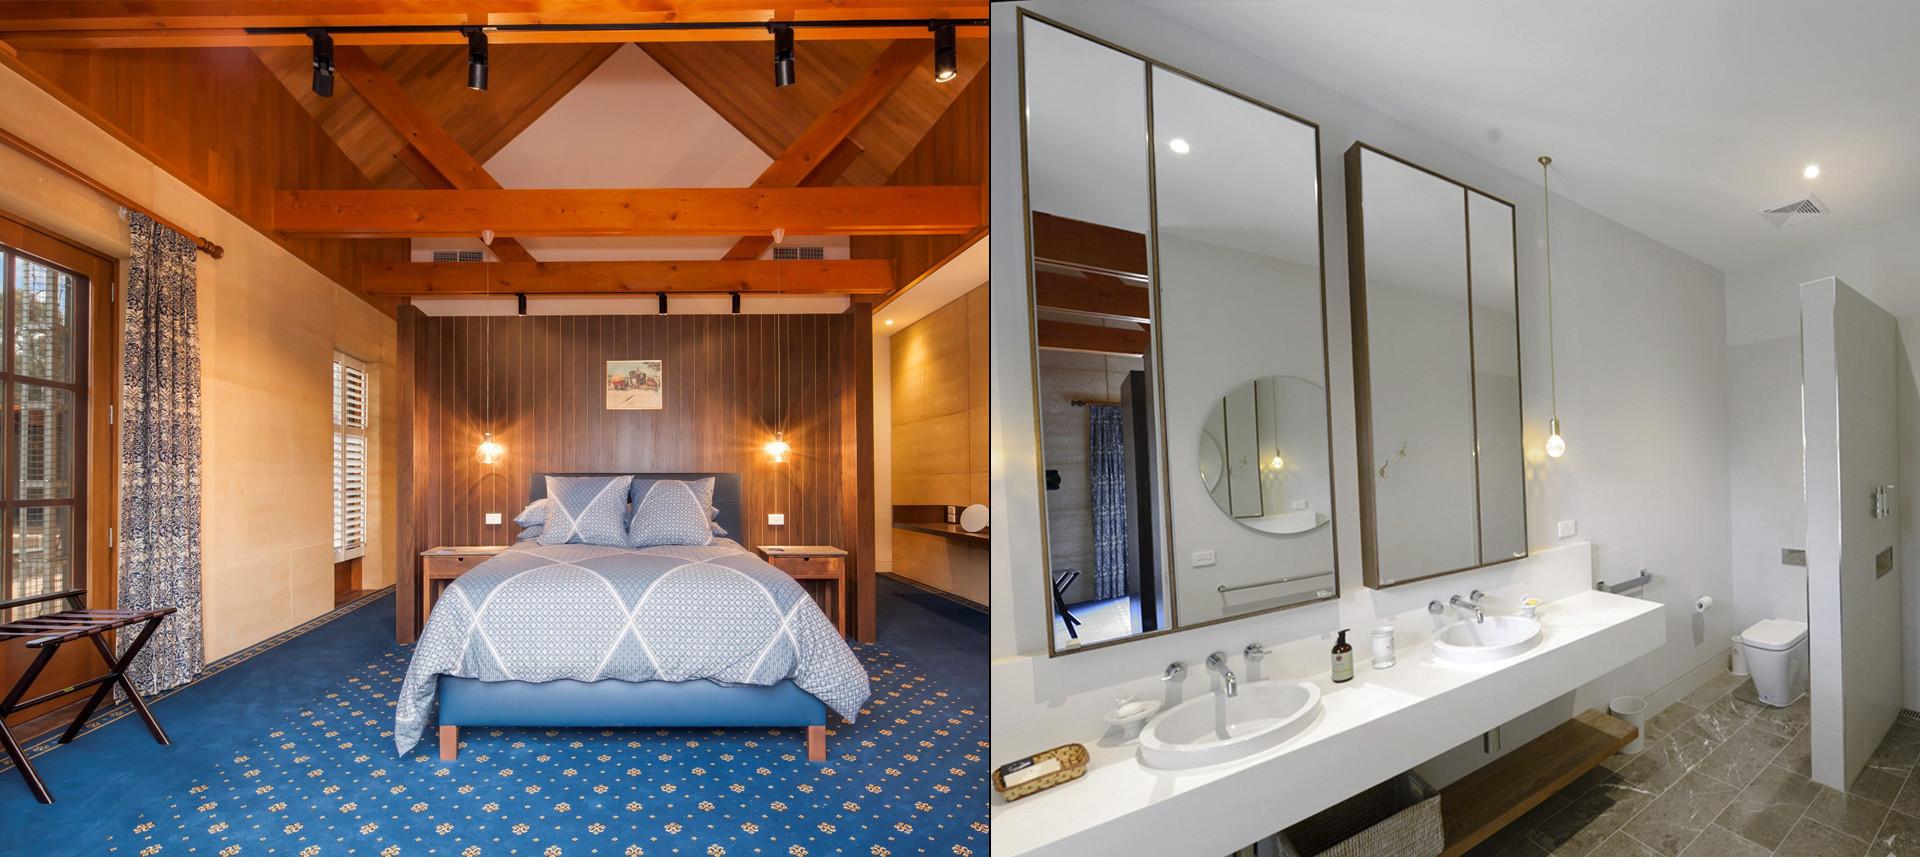 Ballarat Primavera Luxury Accommodation